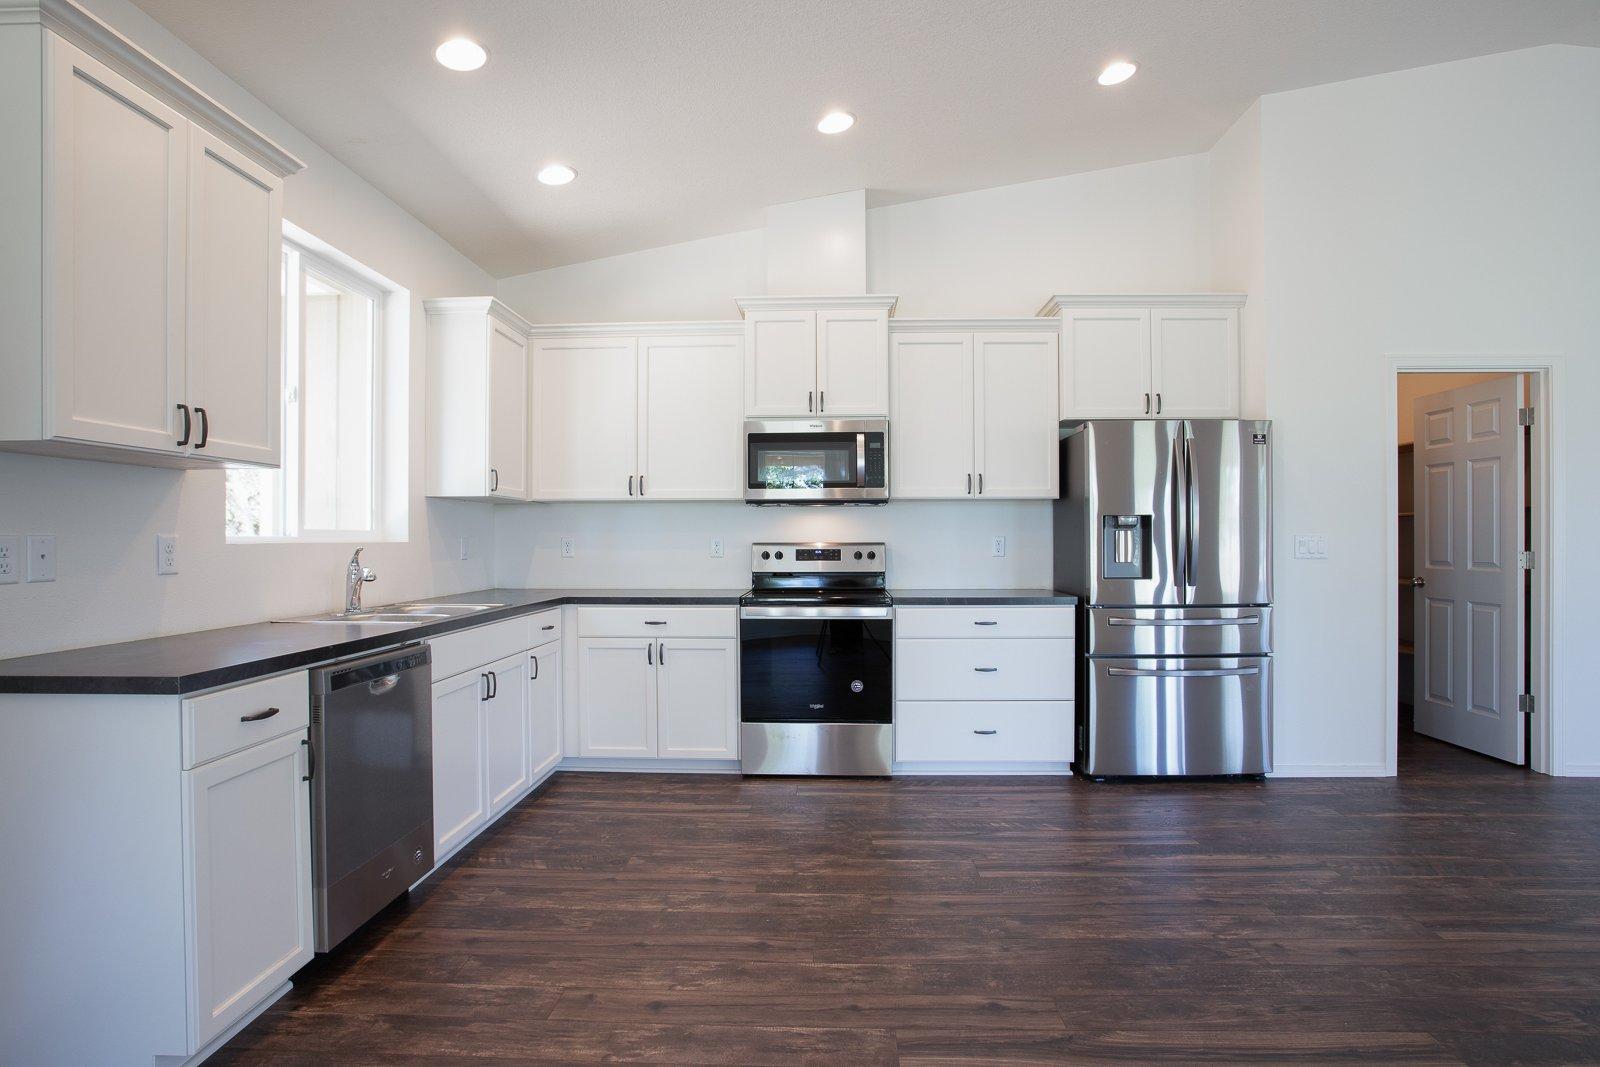 kitchen beagle rd white city 03